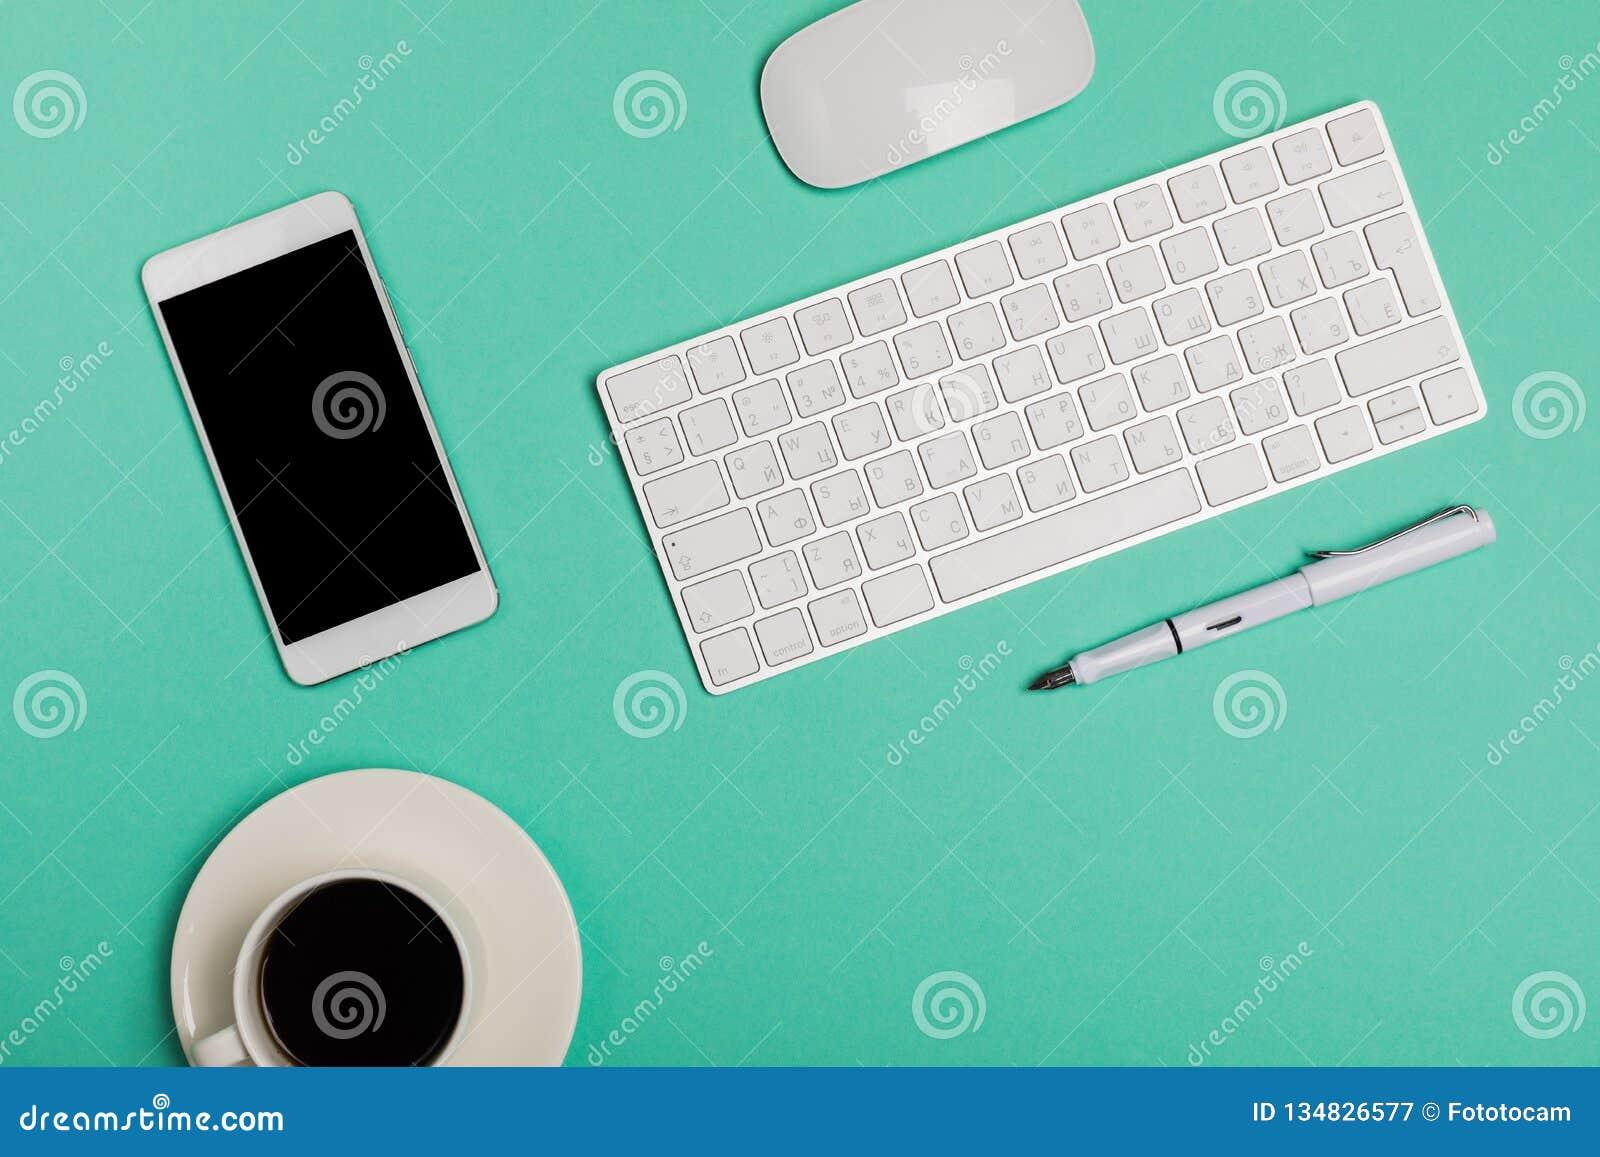 Hoogste mening van bureauwerkruimte met smartphone, toetsenbord, koffie en muis op blauwe achtergrond met exemplaar ruimte, grafi